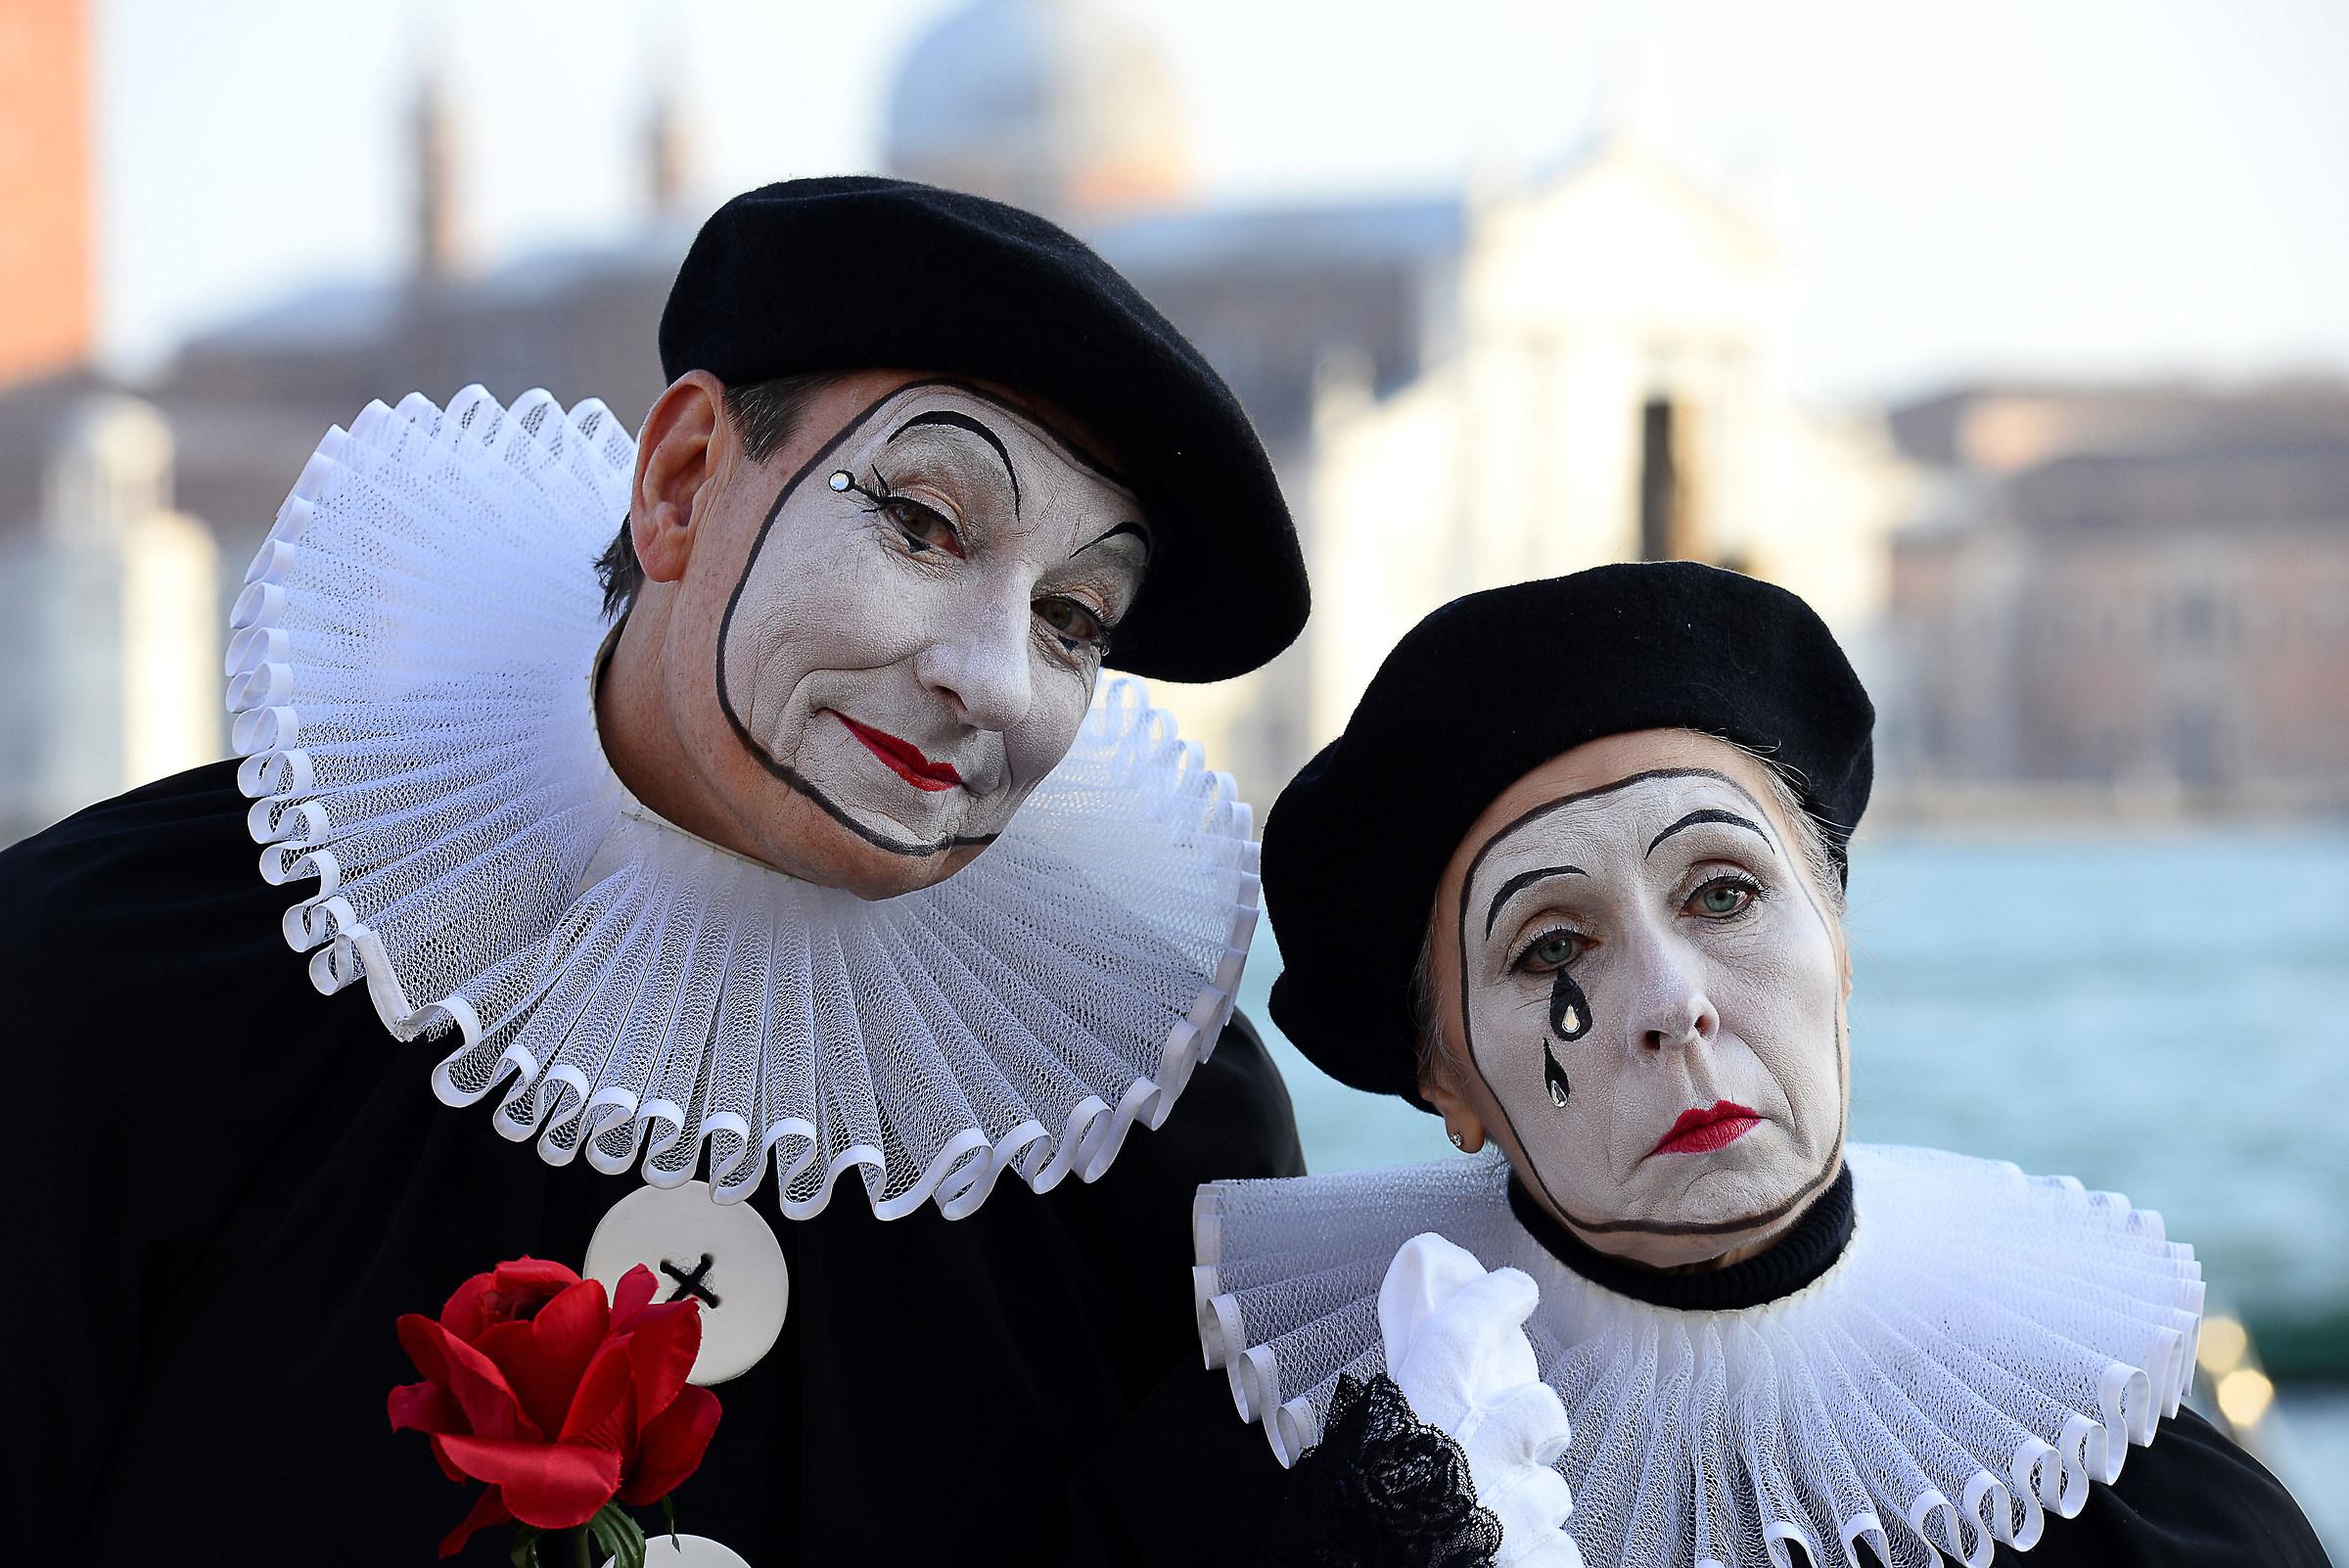 Carnevale di Venezia...